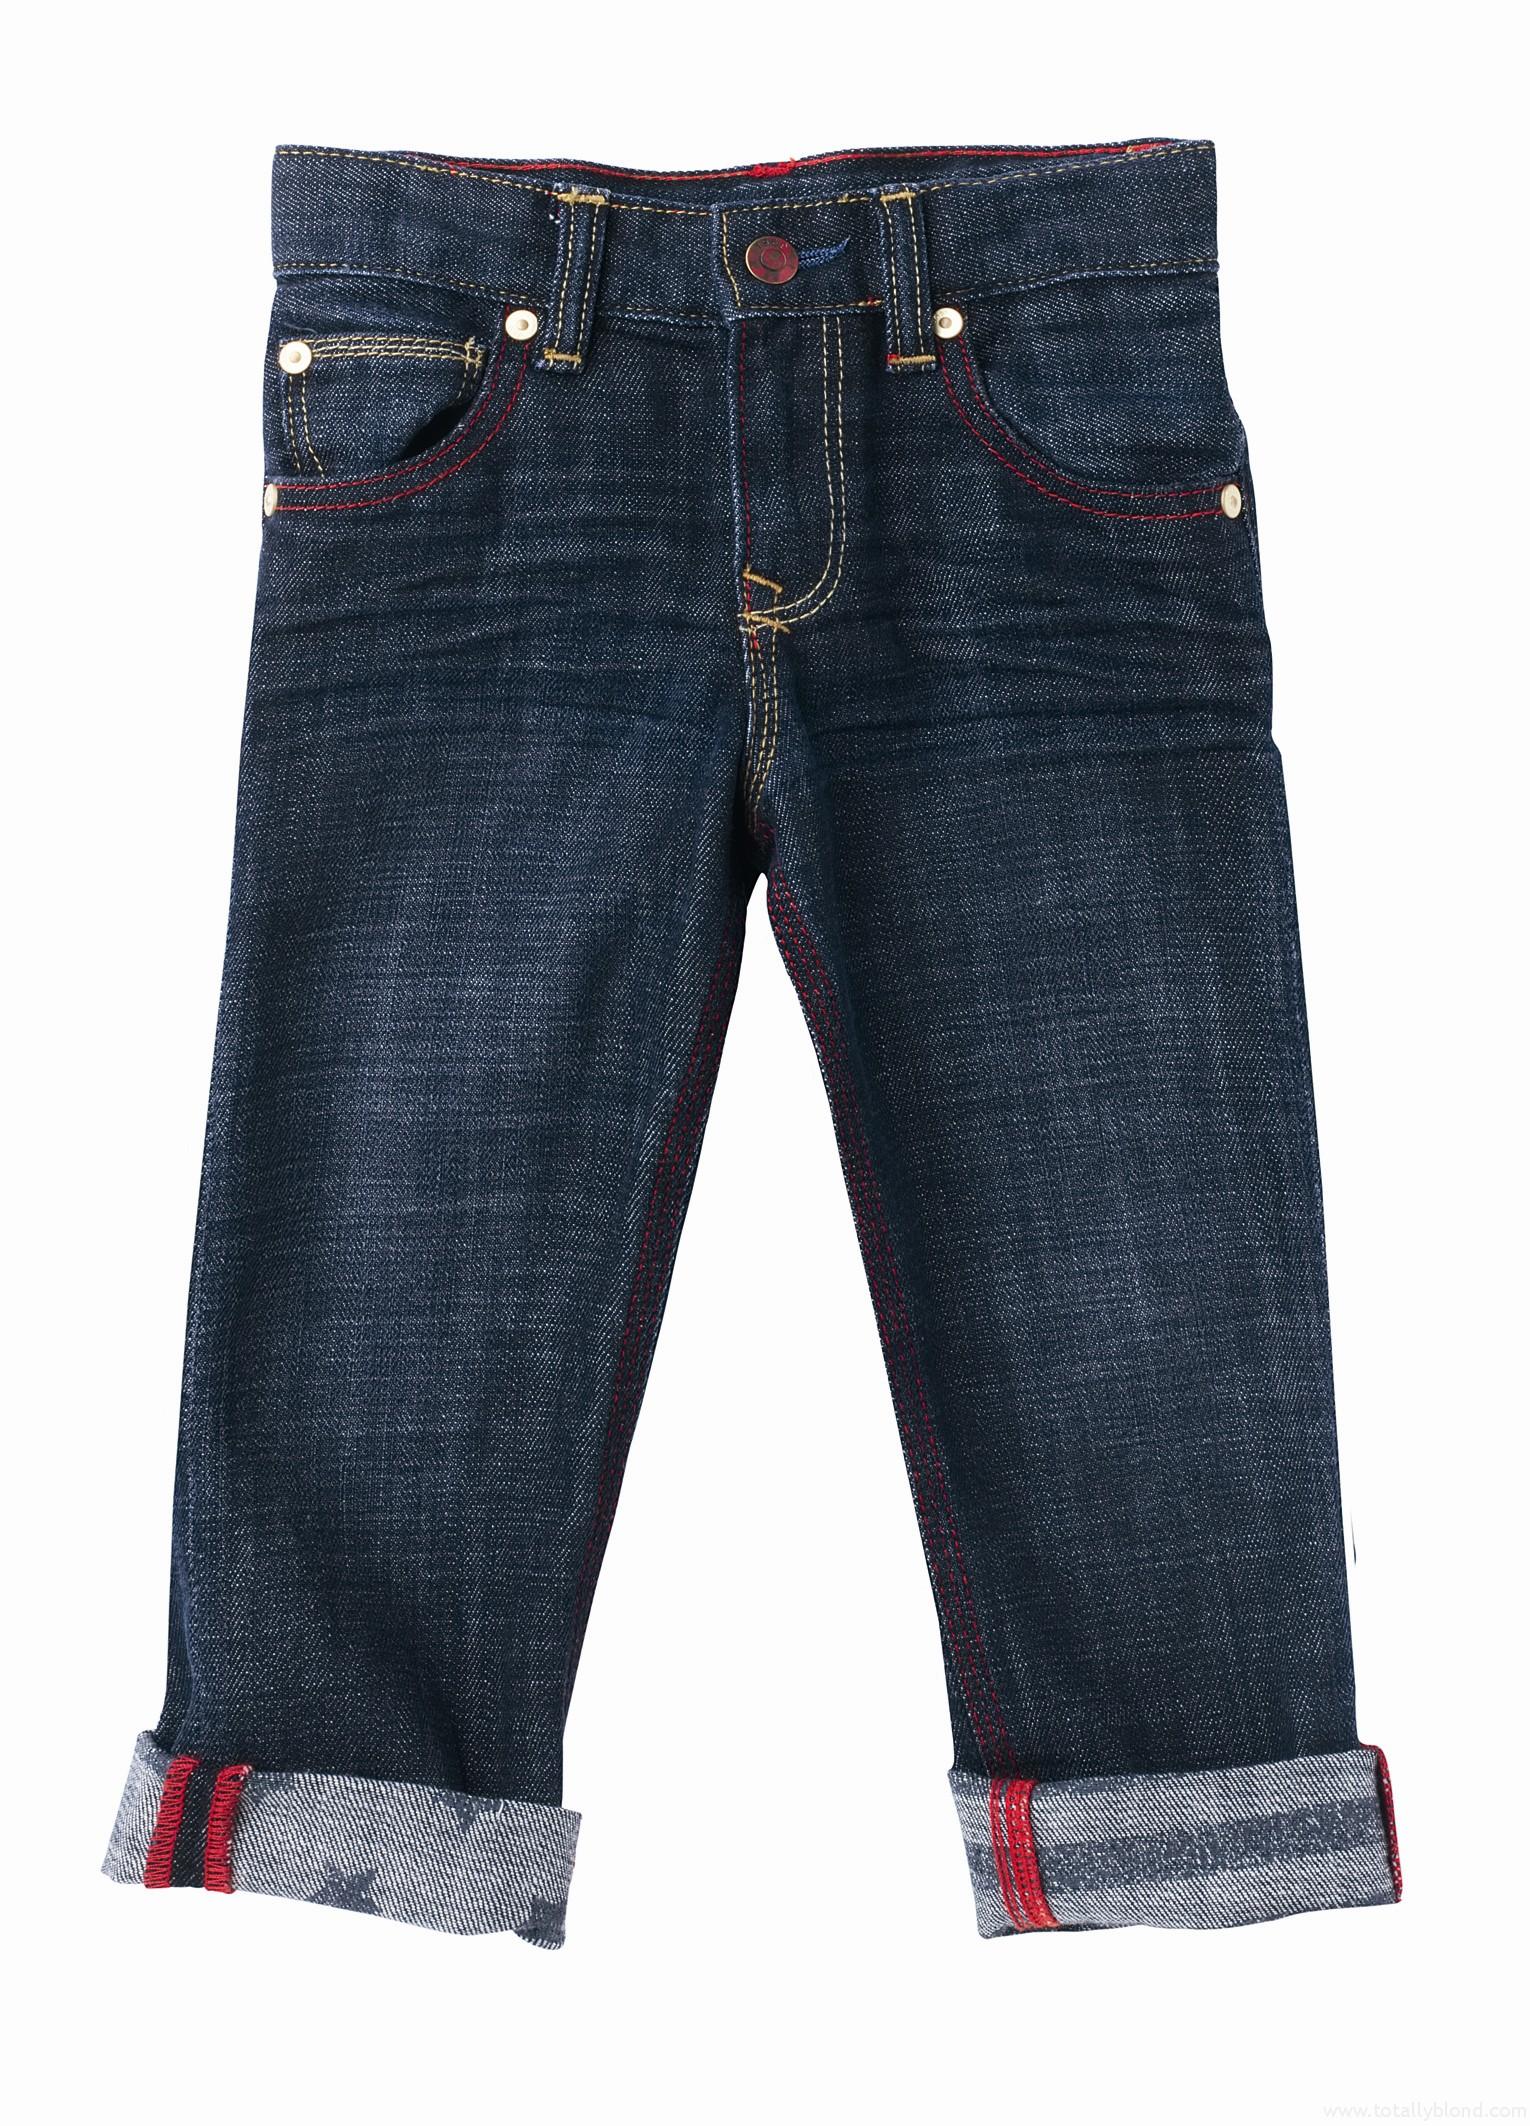 Indigo_jeans